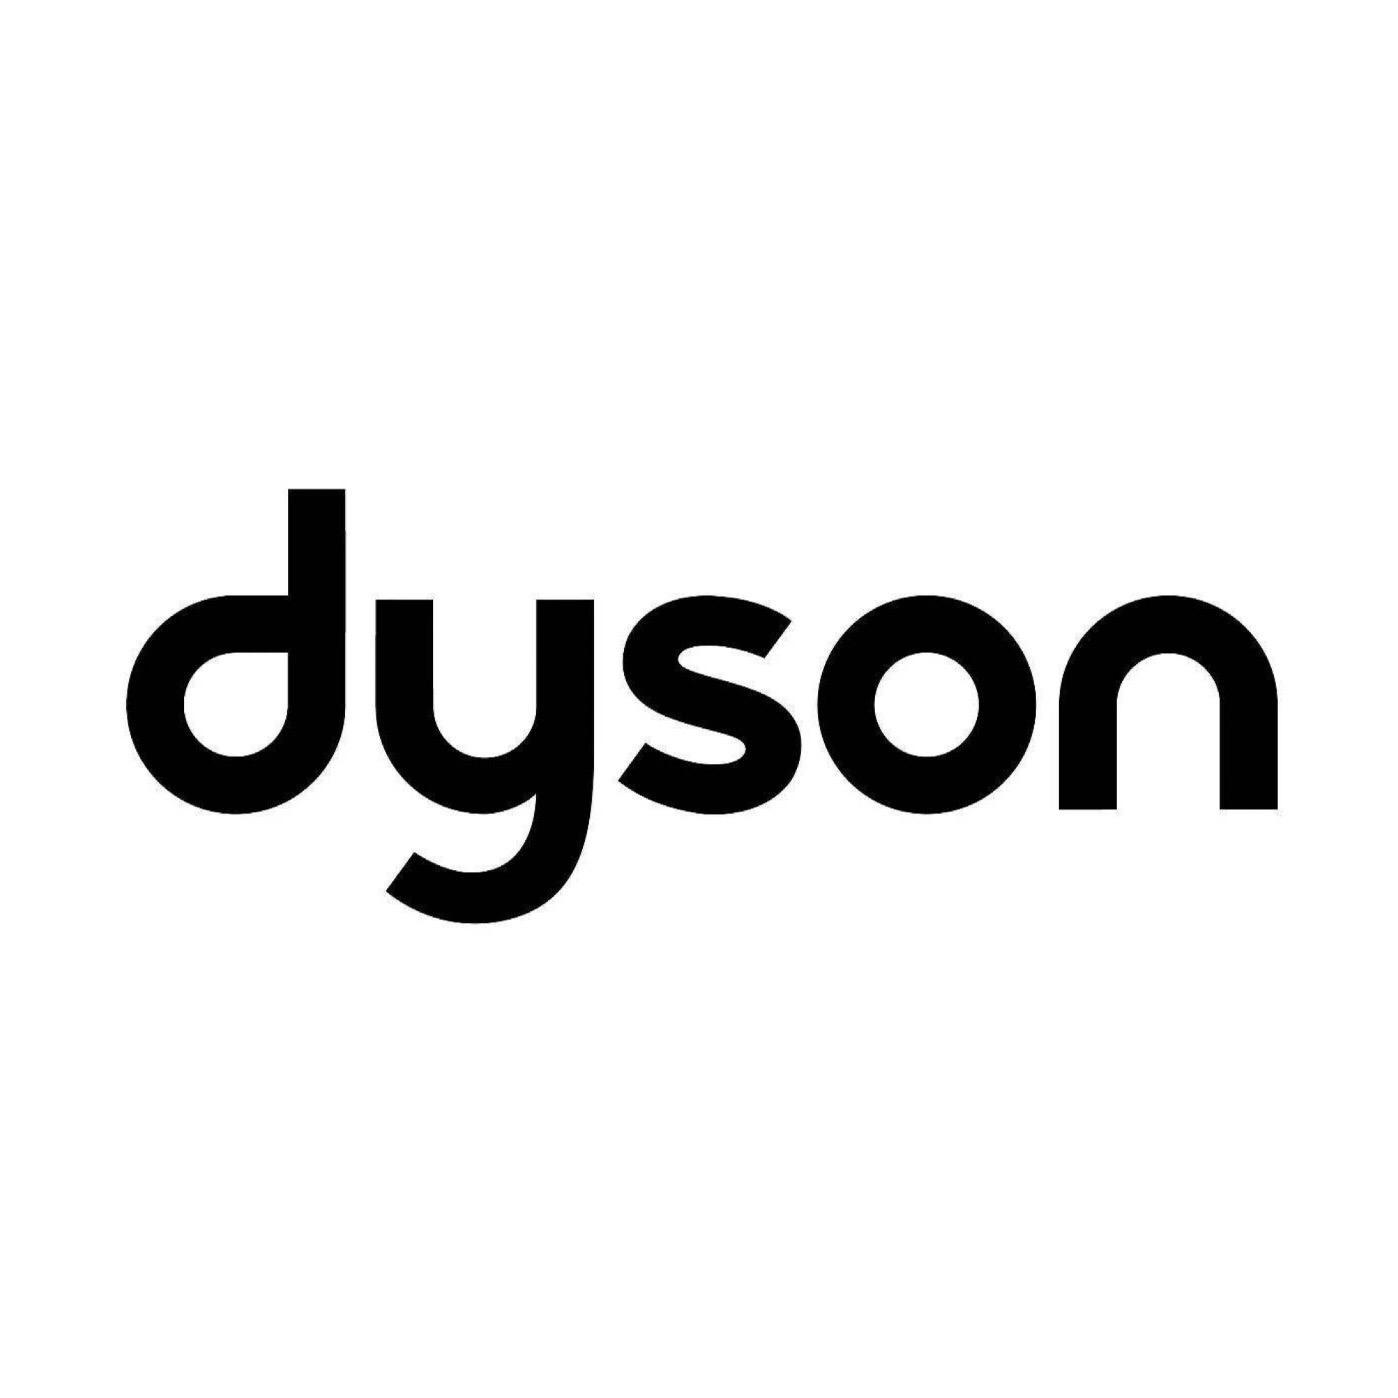 戴森2019设计大赛空中宣讲